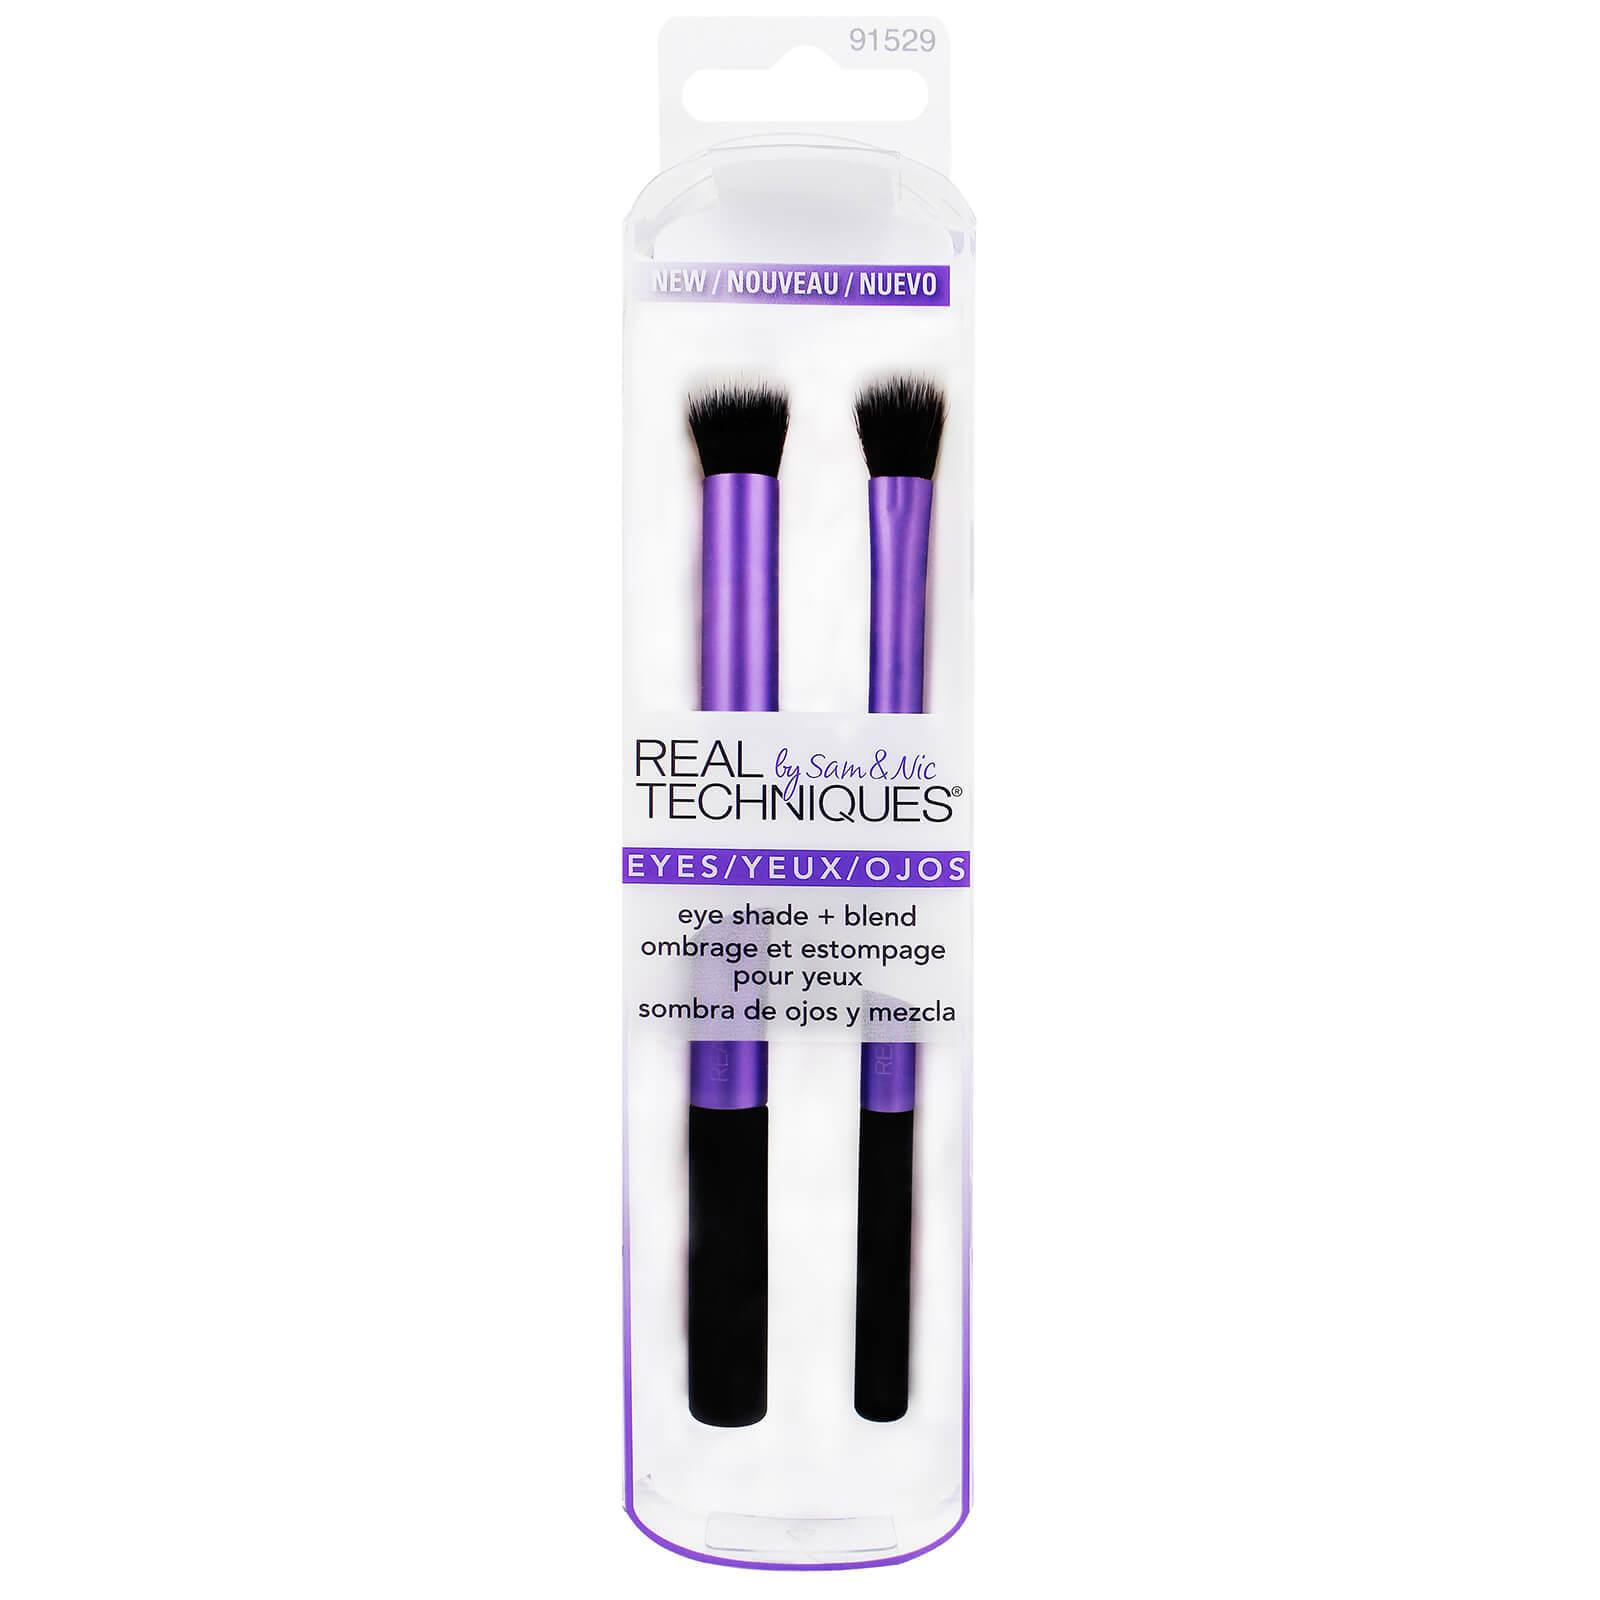 Brochas para maquillaje de ojos Eye Shade + Blend de Real Techniques